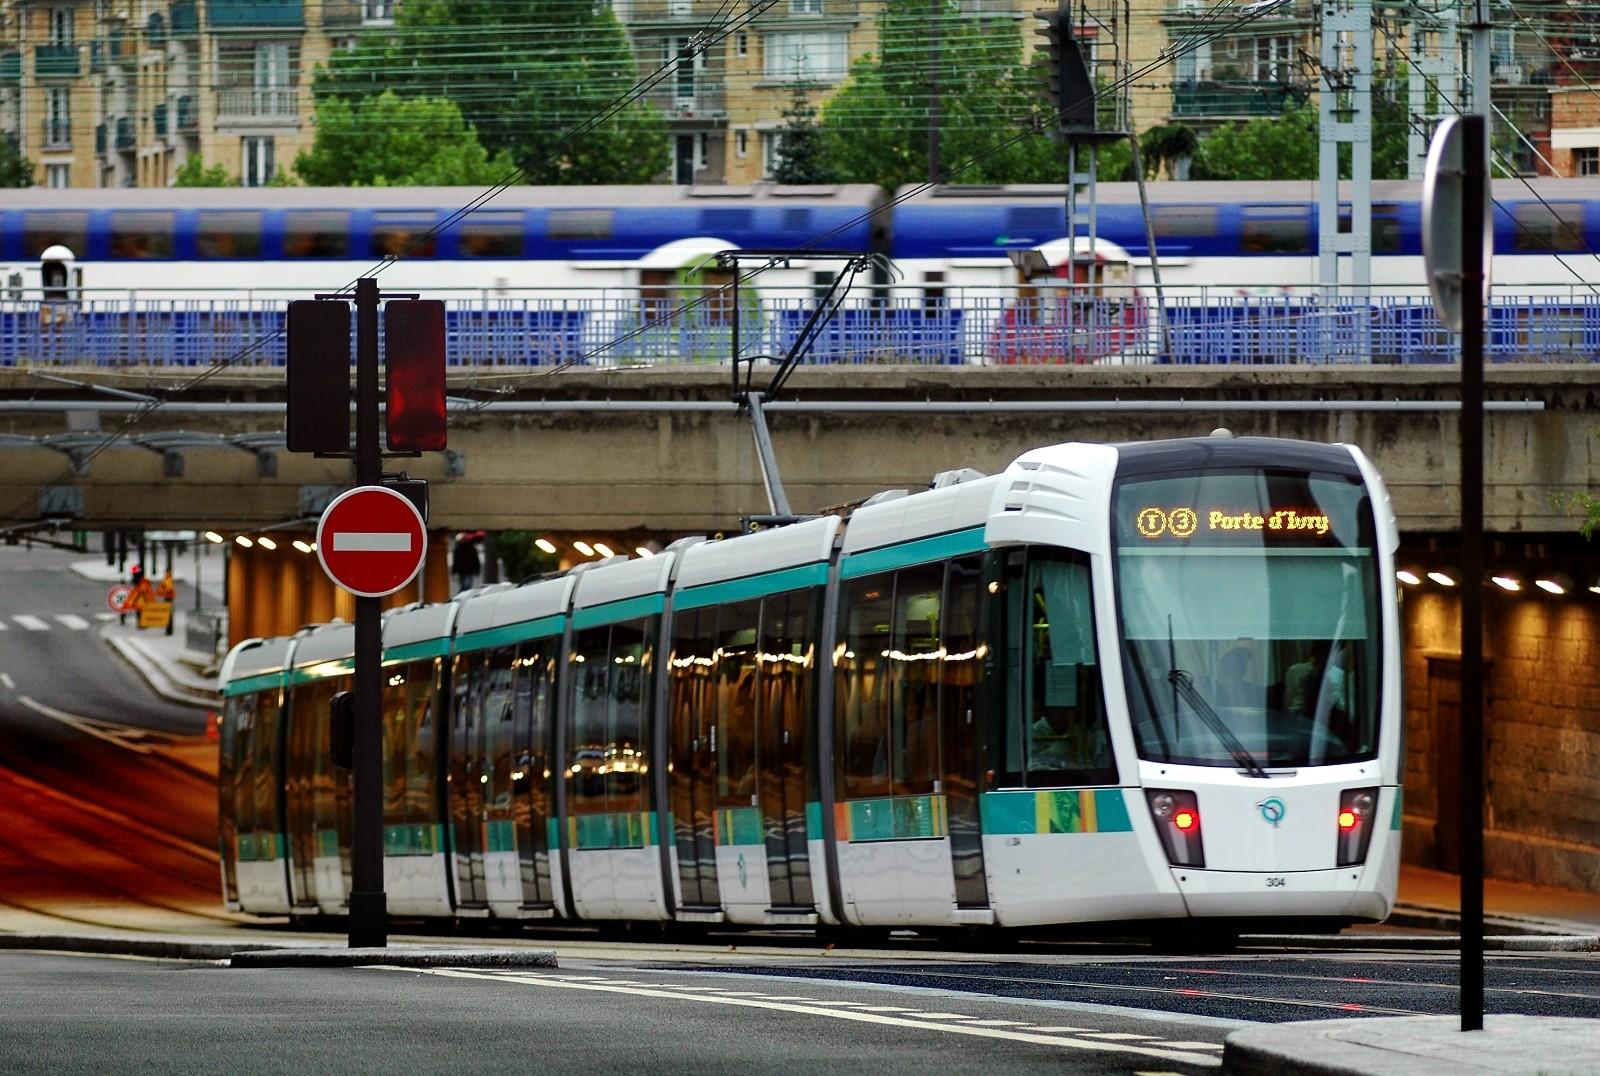 Билеты на транспорт в Париже